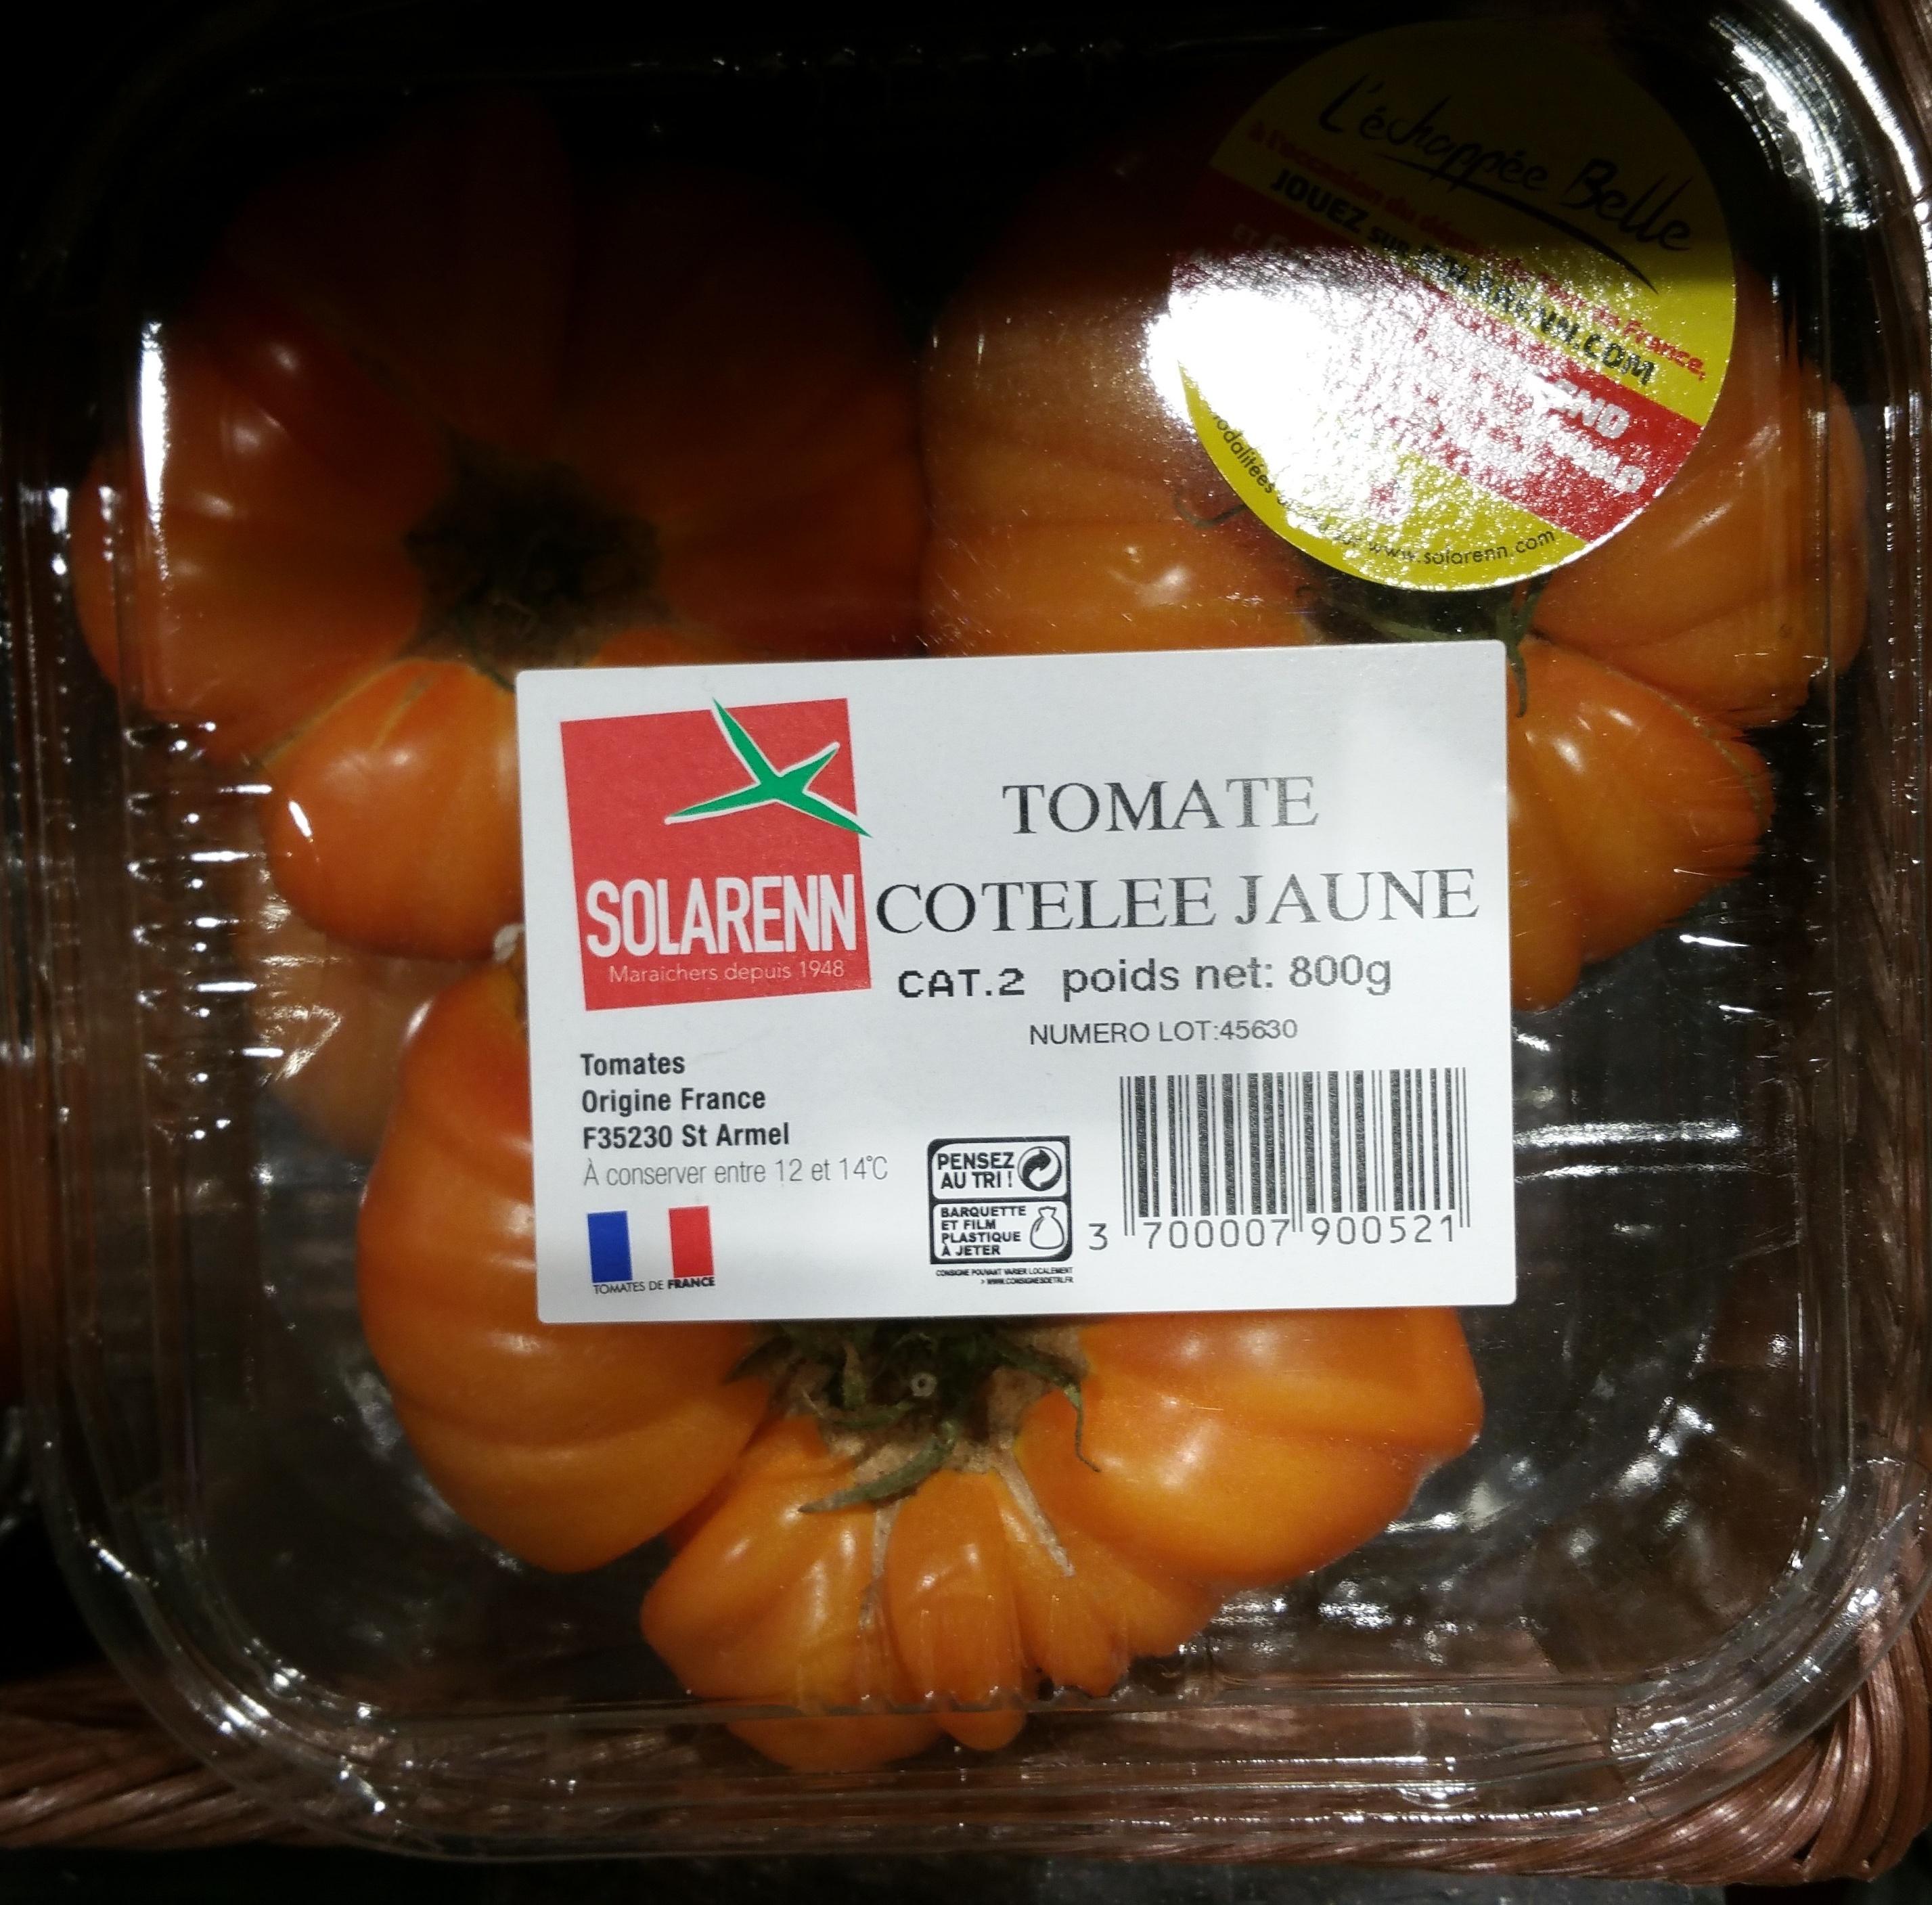 Tomate côtelée Jaune - Produit - fr